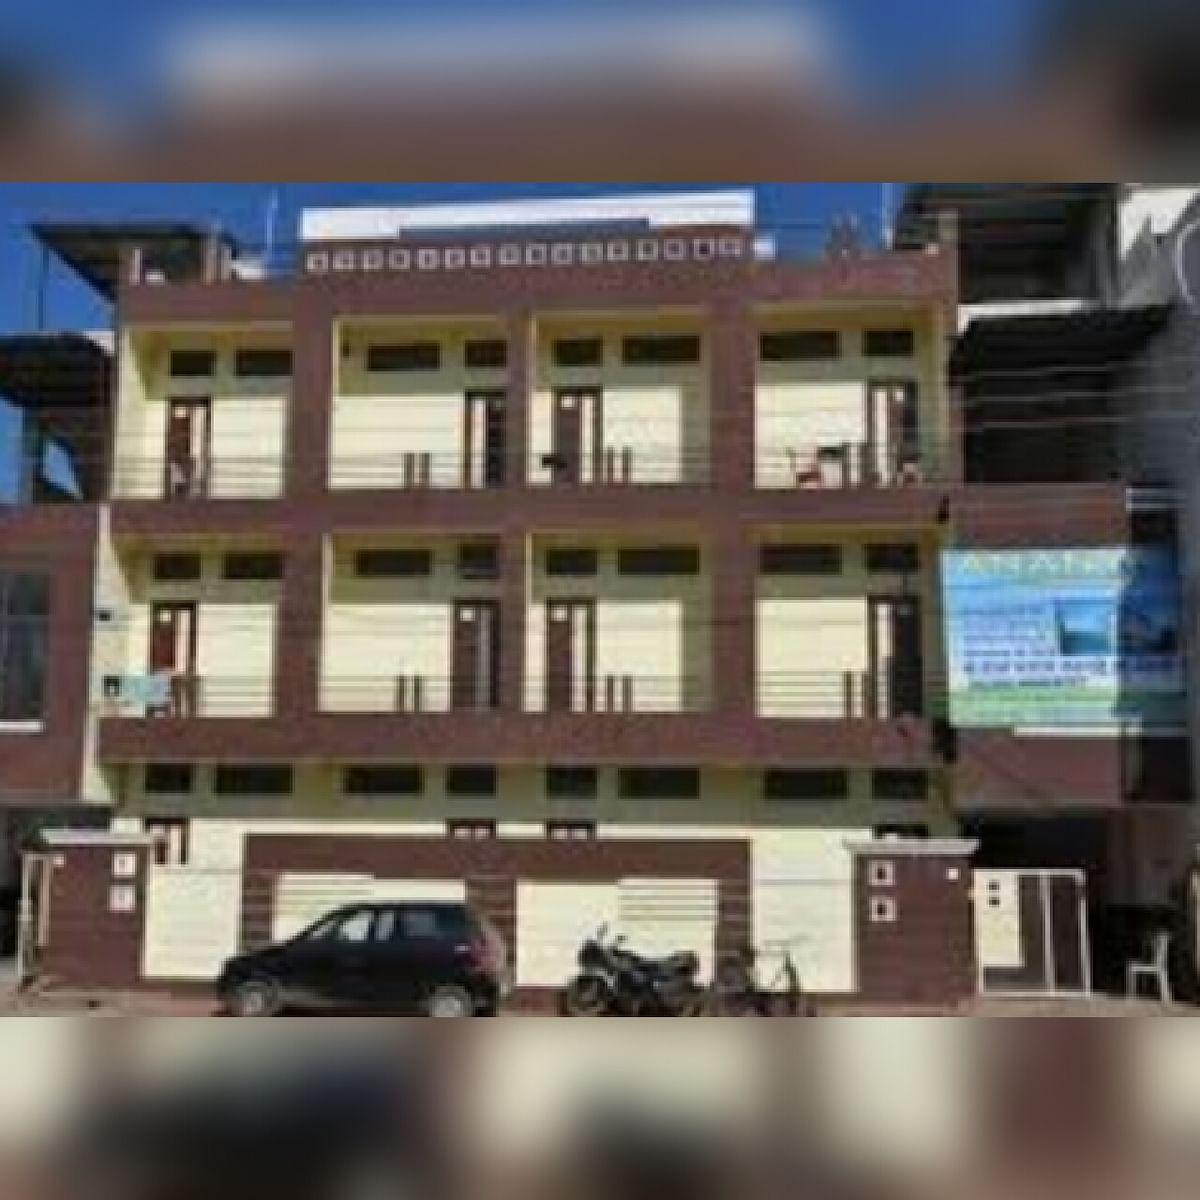 भोपाल: प्रदेश के विधायकों को मिलेगा नए अपार्टमेंट का फायदा